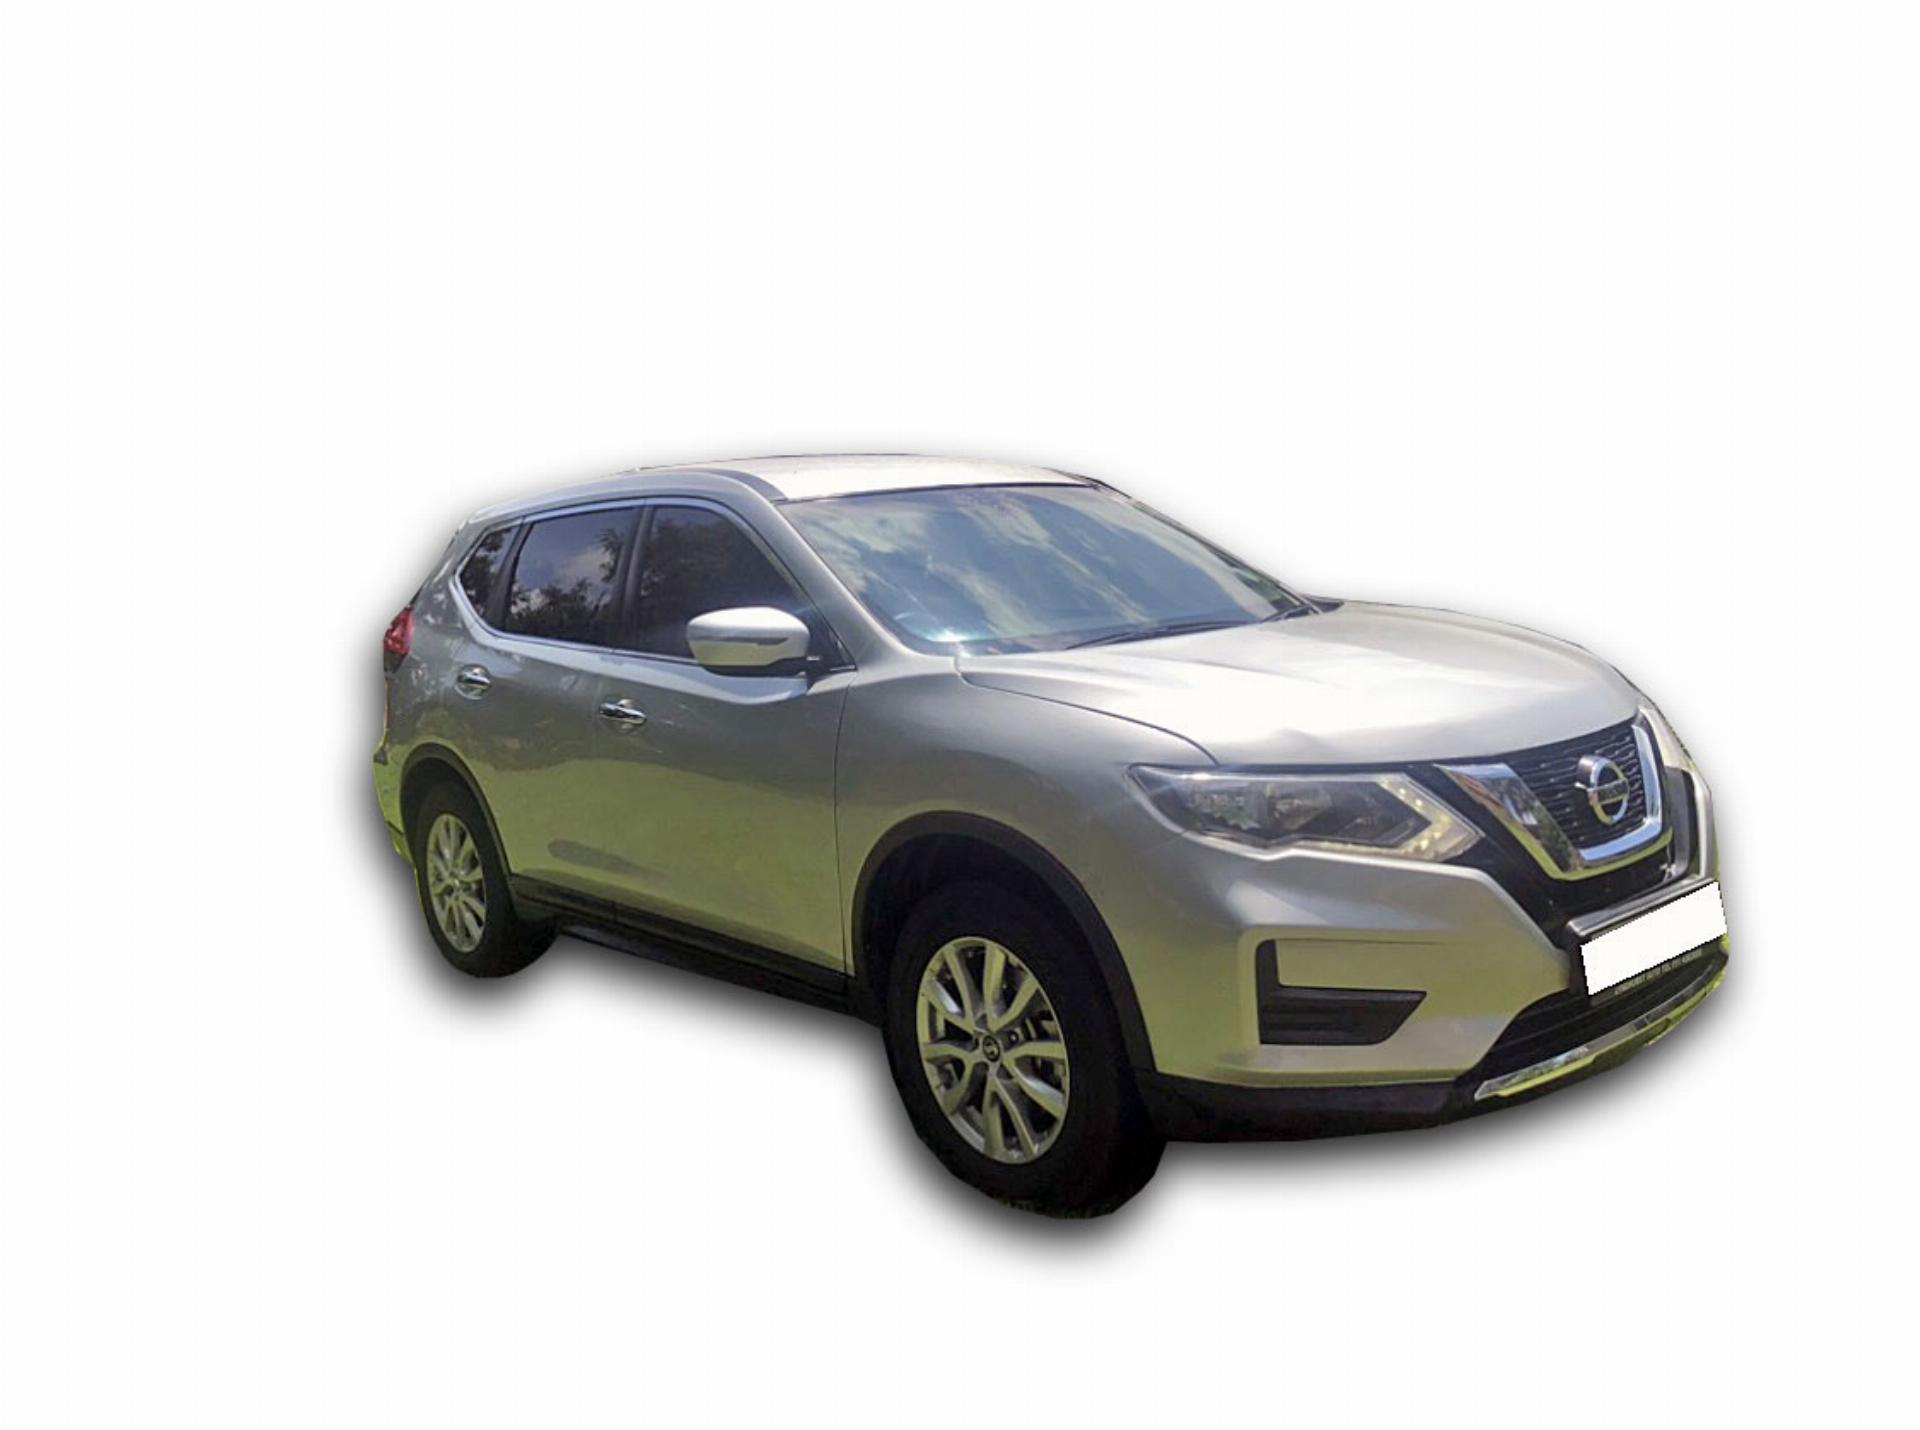 Nissan X-TRAIL 2.0 Petrol